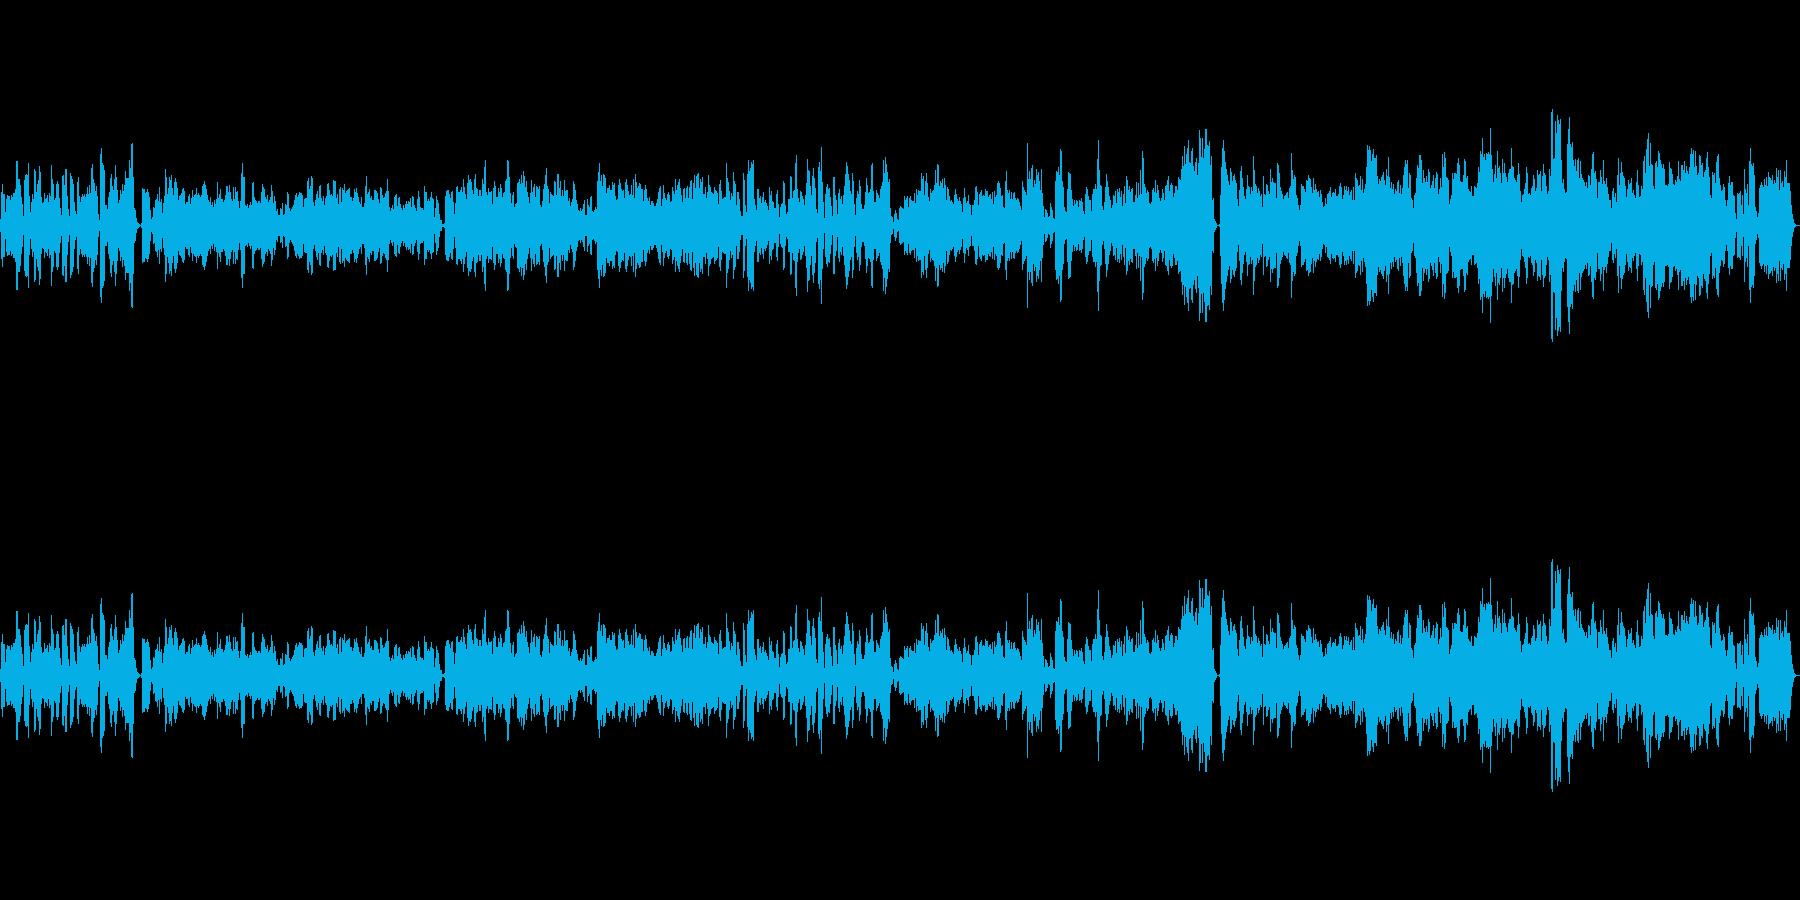 ゆったりと陽気な音楽/フルート多重録音の再生済みの波形